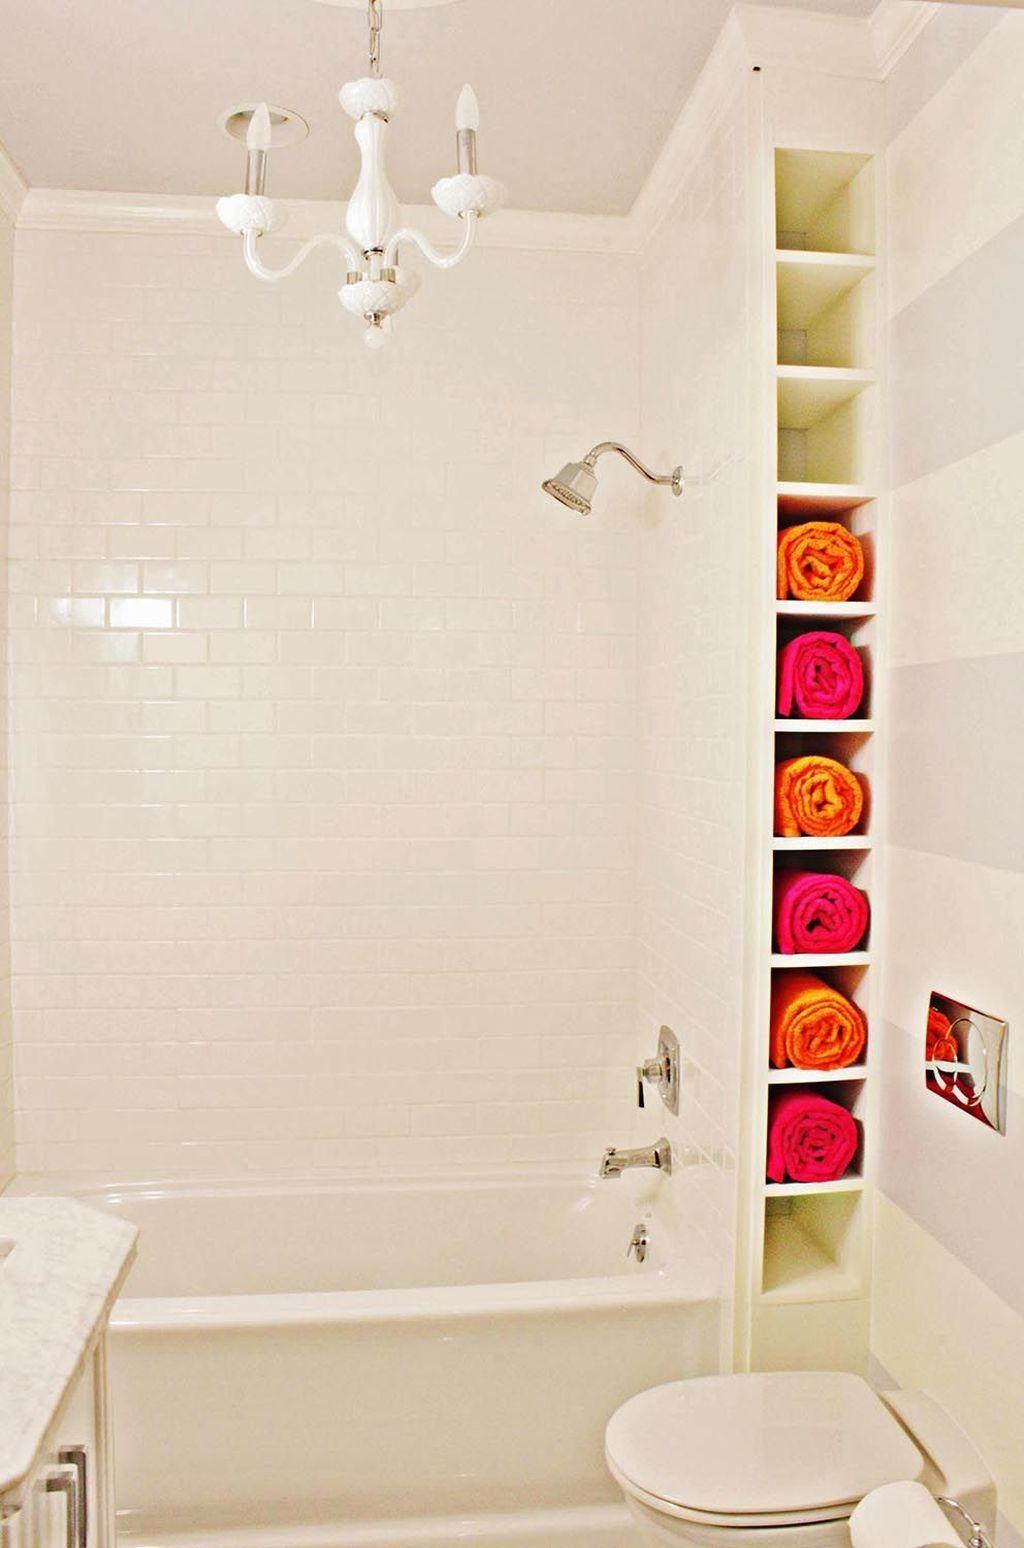 Badezimmerfliesenideen um badewanne  elegant and smart bathroom storage ideas  badezimmer